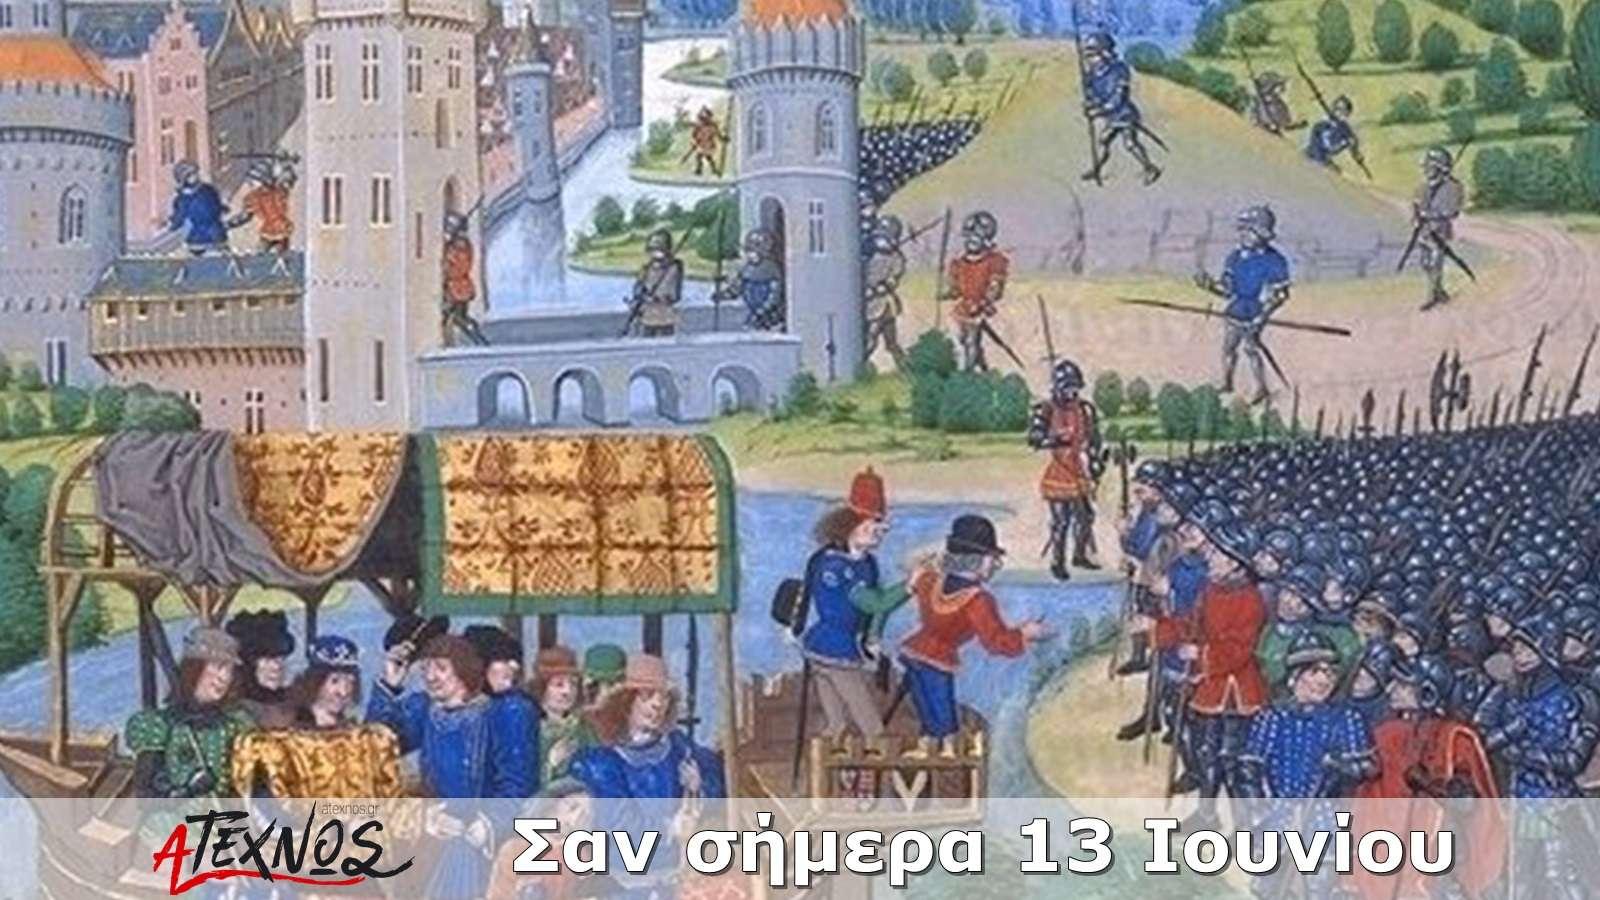 Σαν σήμερα13 Ιουνίου – Γεγονότα και πρόσωπα που έμειναν στην ιστορία και δεν πρέπει να ξεχάσουμε